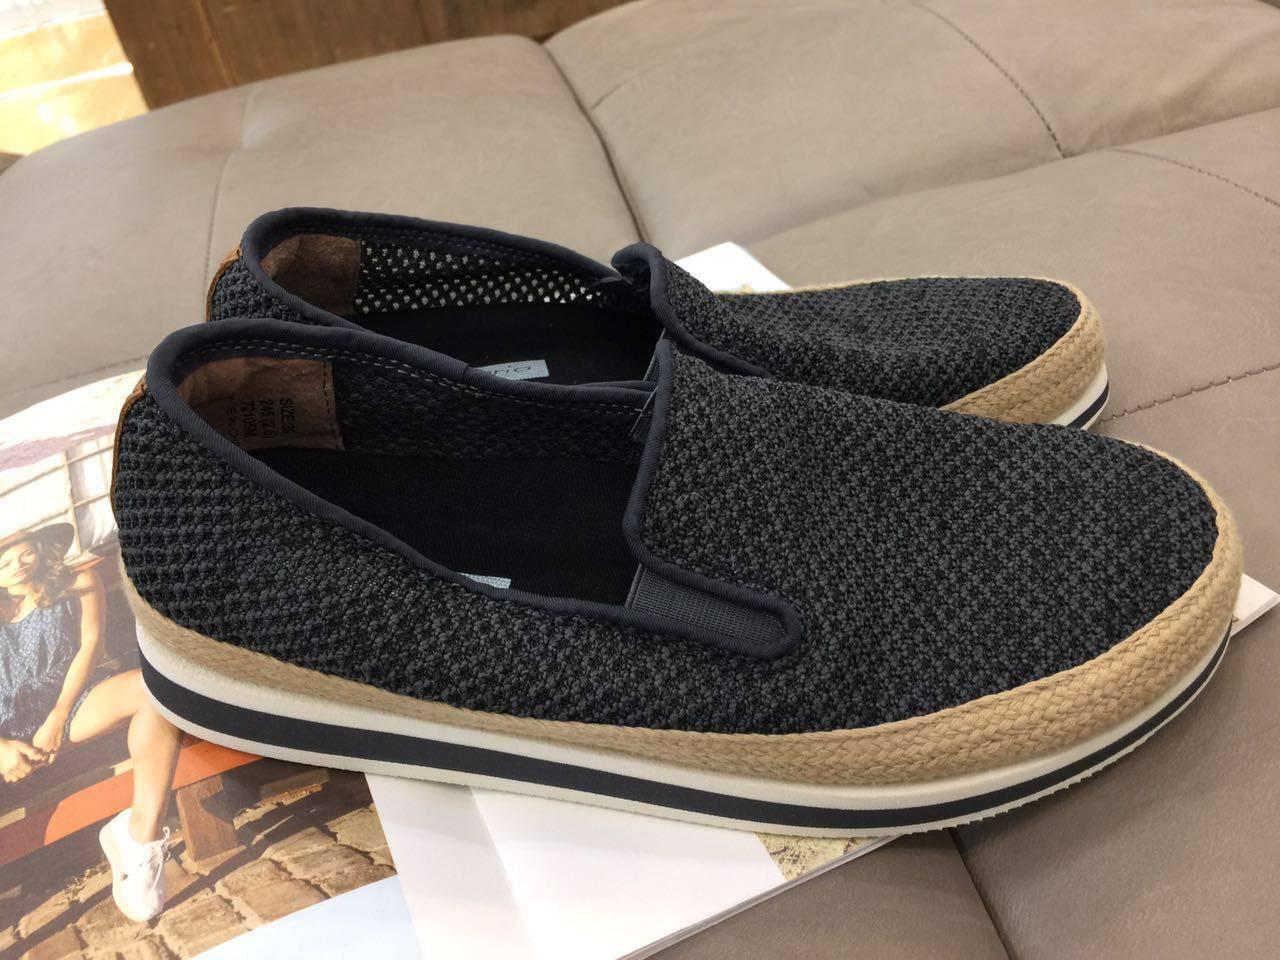 【卡洛驰男鞋正品】卡洛驰男鞋正品品牌、价格 - 阿里巴巴